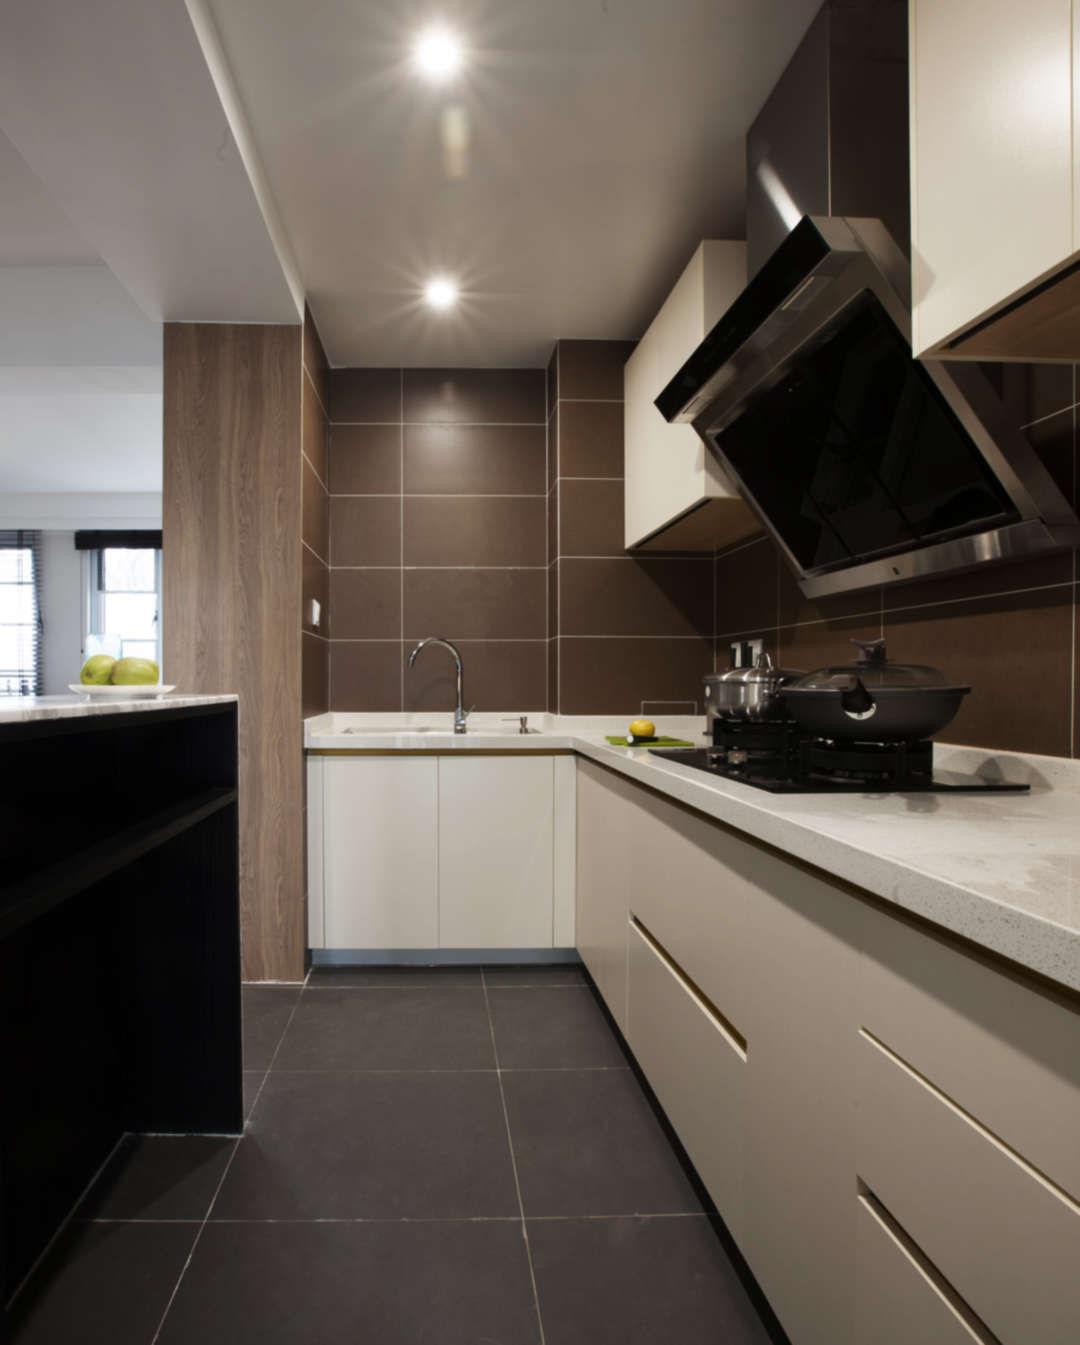 吧台的设置让半开放式的厨房更加围合,并且有了更多的操作空间,朋友聚会时也是一个不错的互动区域。